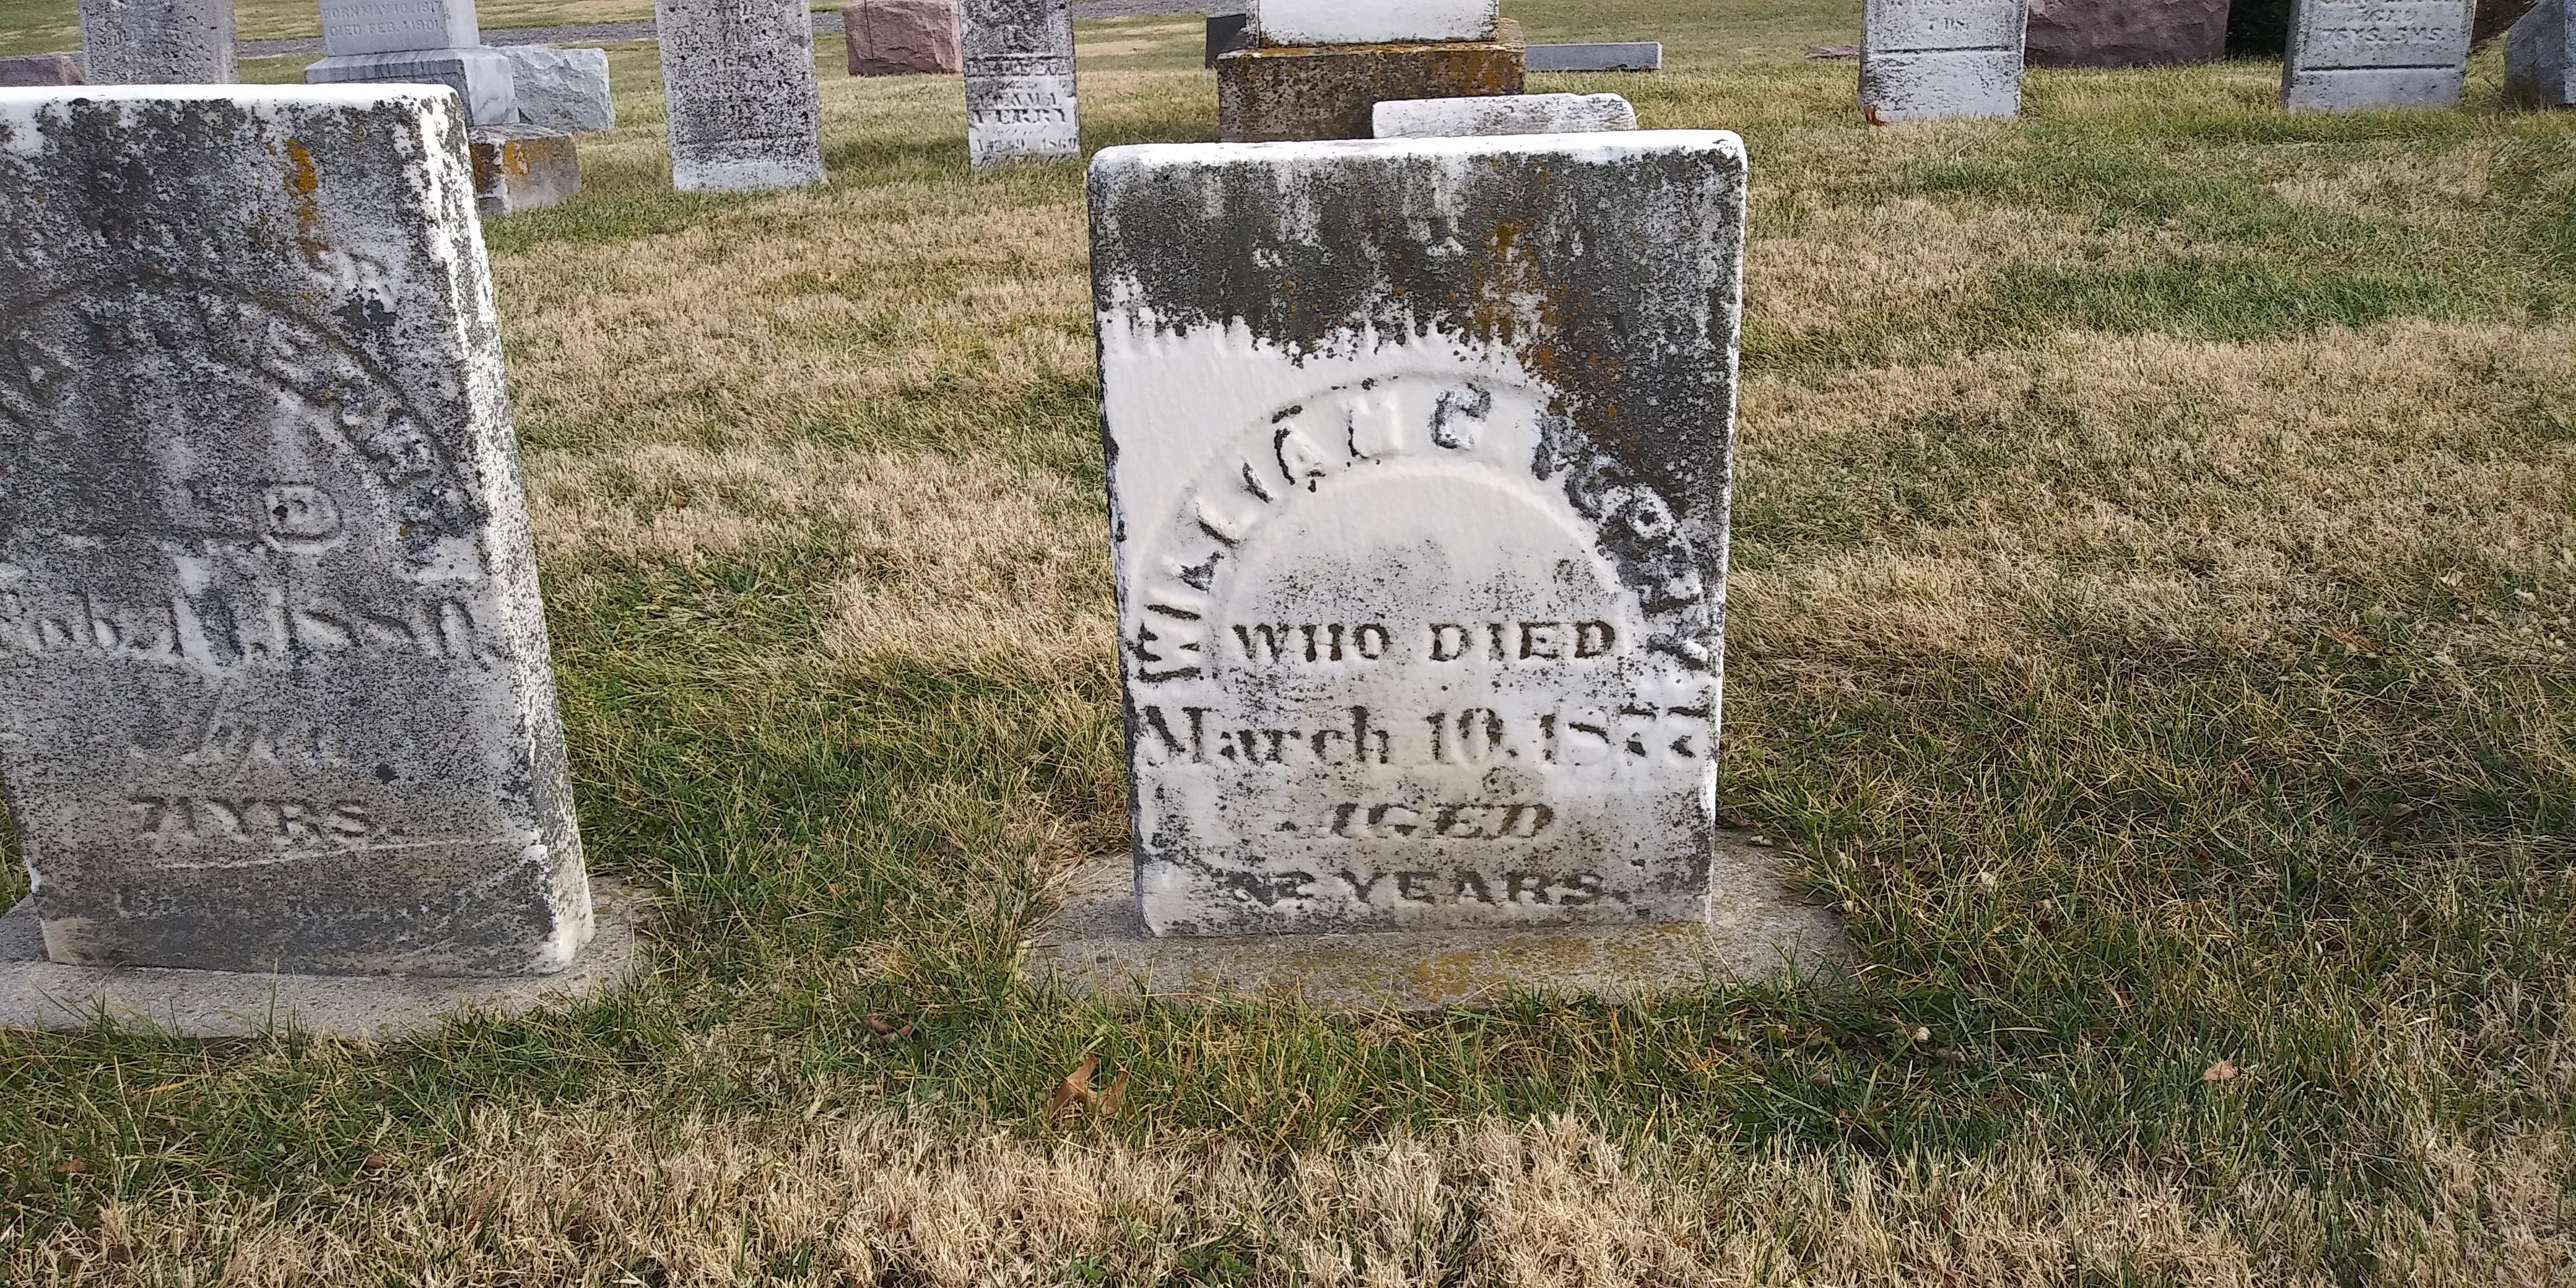 William Verry